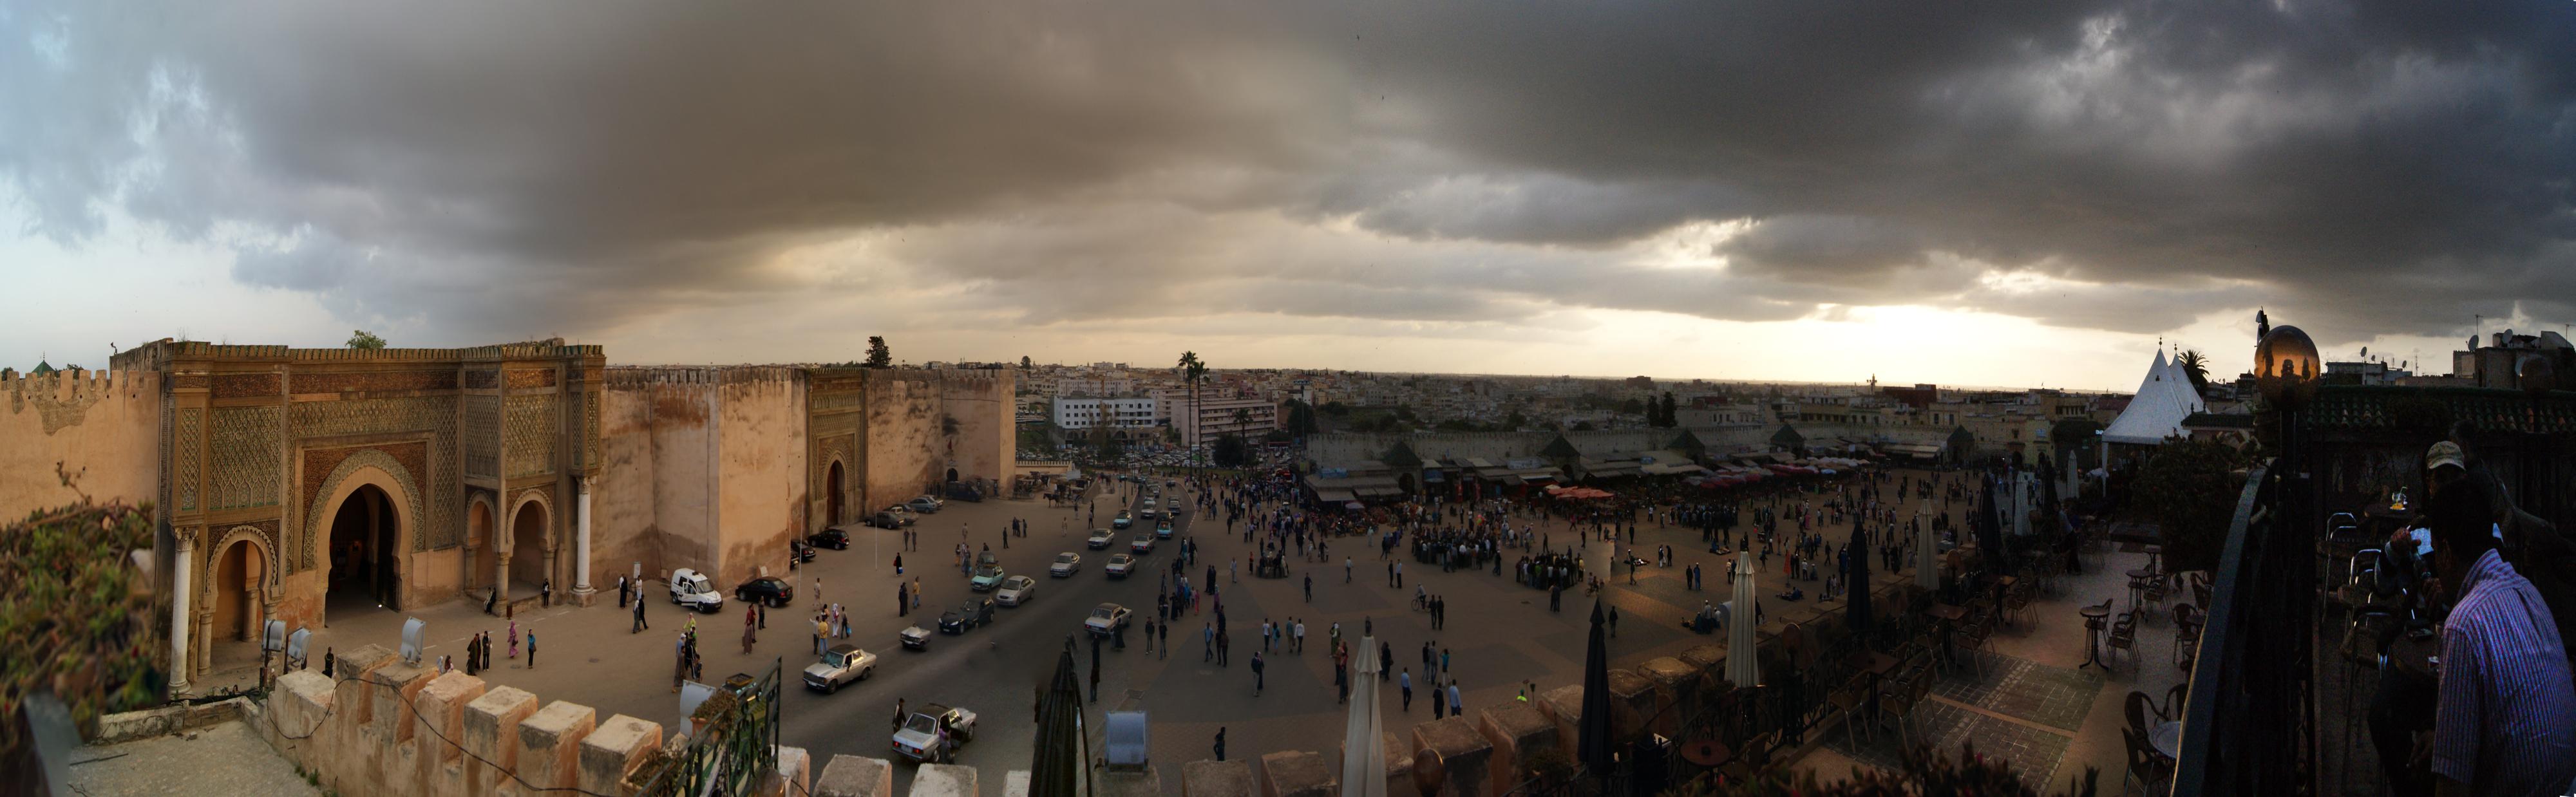 Bab-El-Mansour y la plaza El-Hedim desde una de las terrazas en la esquina de la plaza